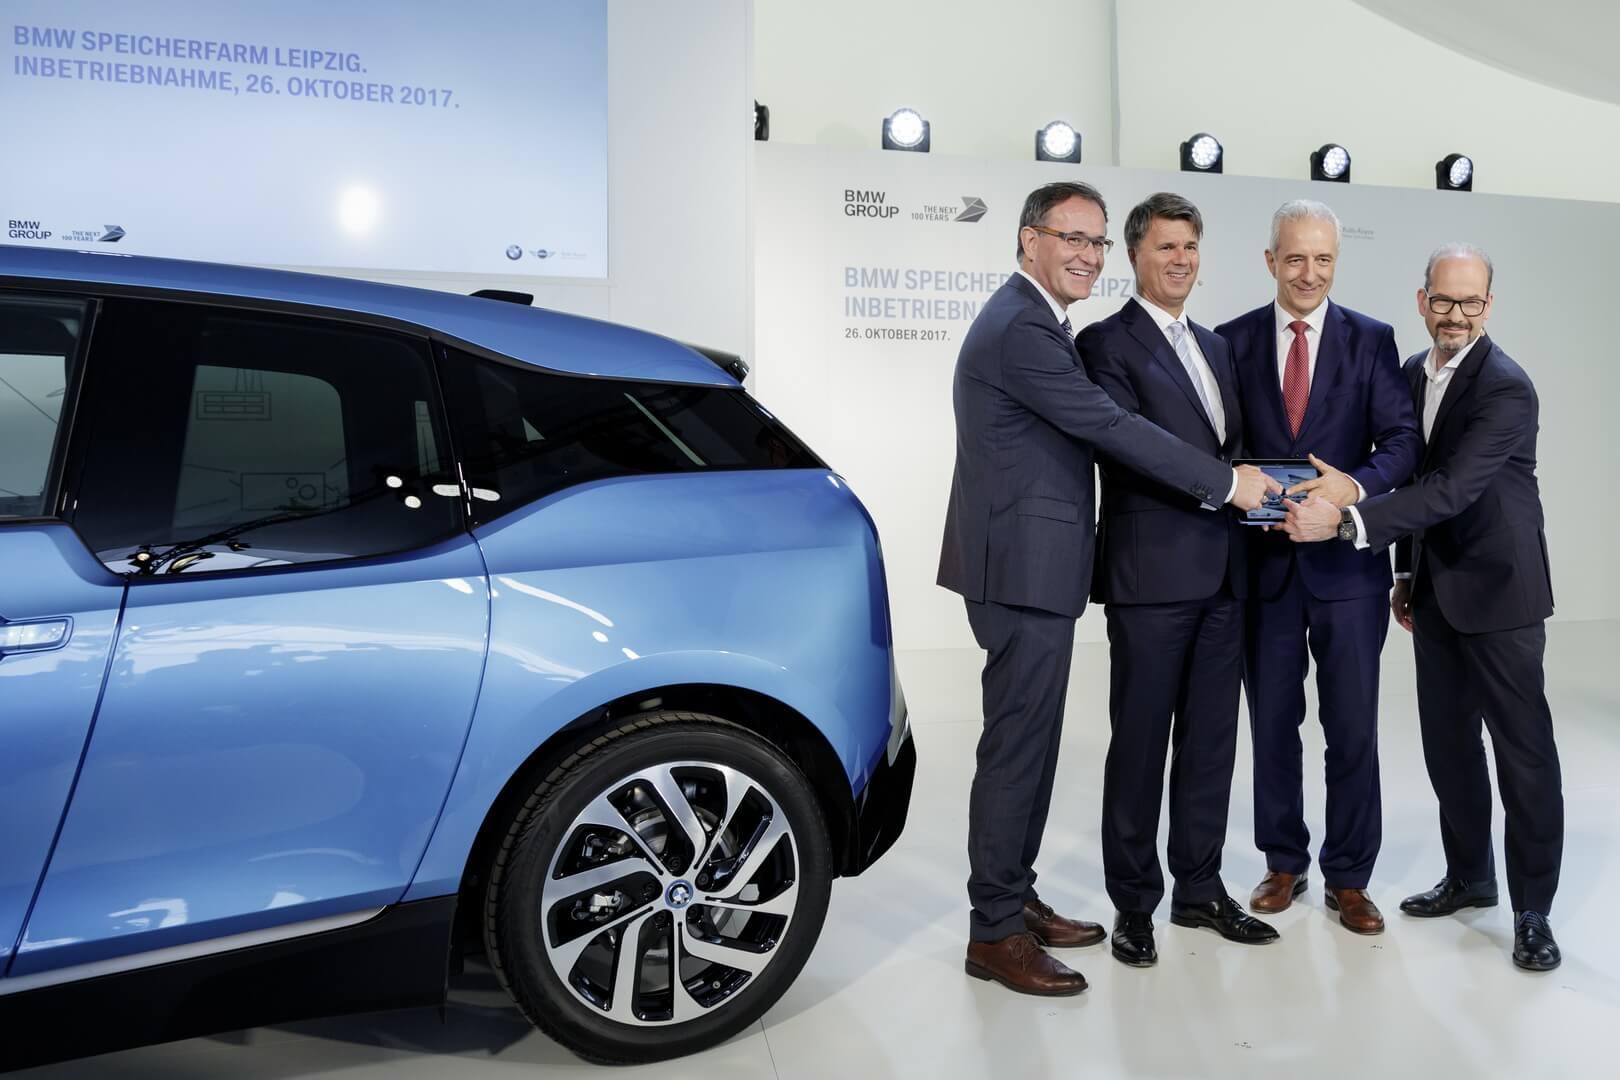 Мероприятие по поводу открытия завода и выпуска 100 000 BMW i3